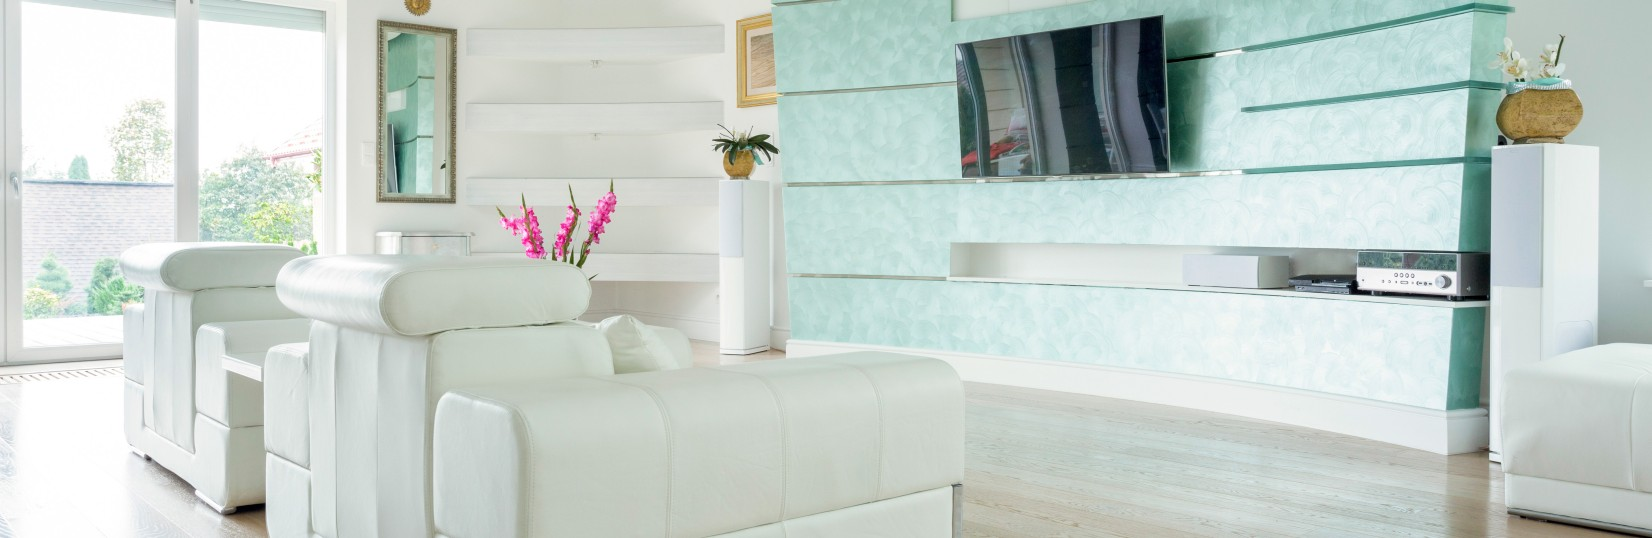 gro h ngen bilder ohne rahmen galerie benutzerdefinierte bilderrahmen ideen. Black Bedroom Furniture Sets. Home Design Ideas